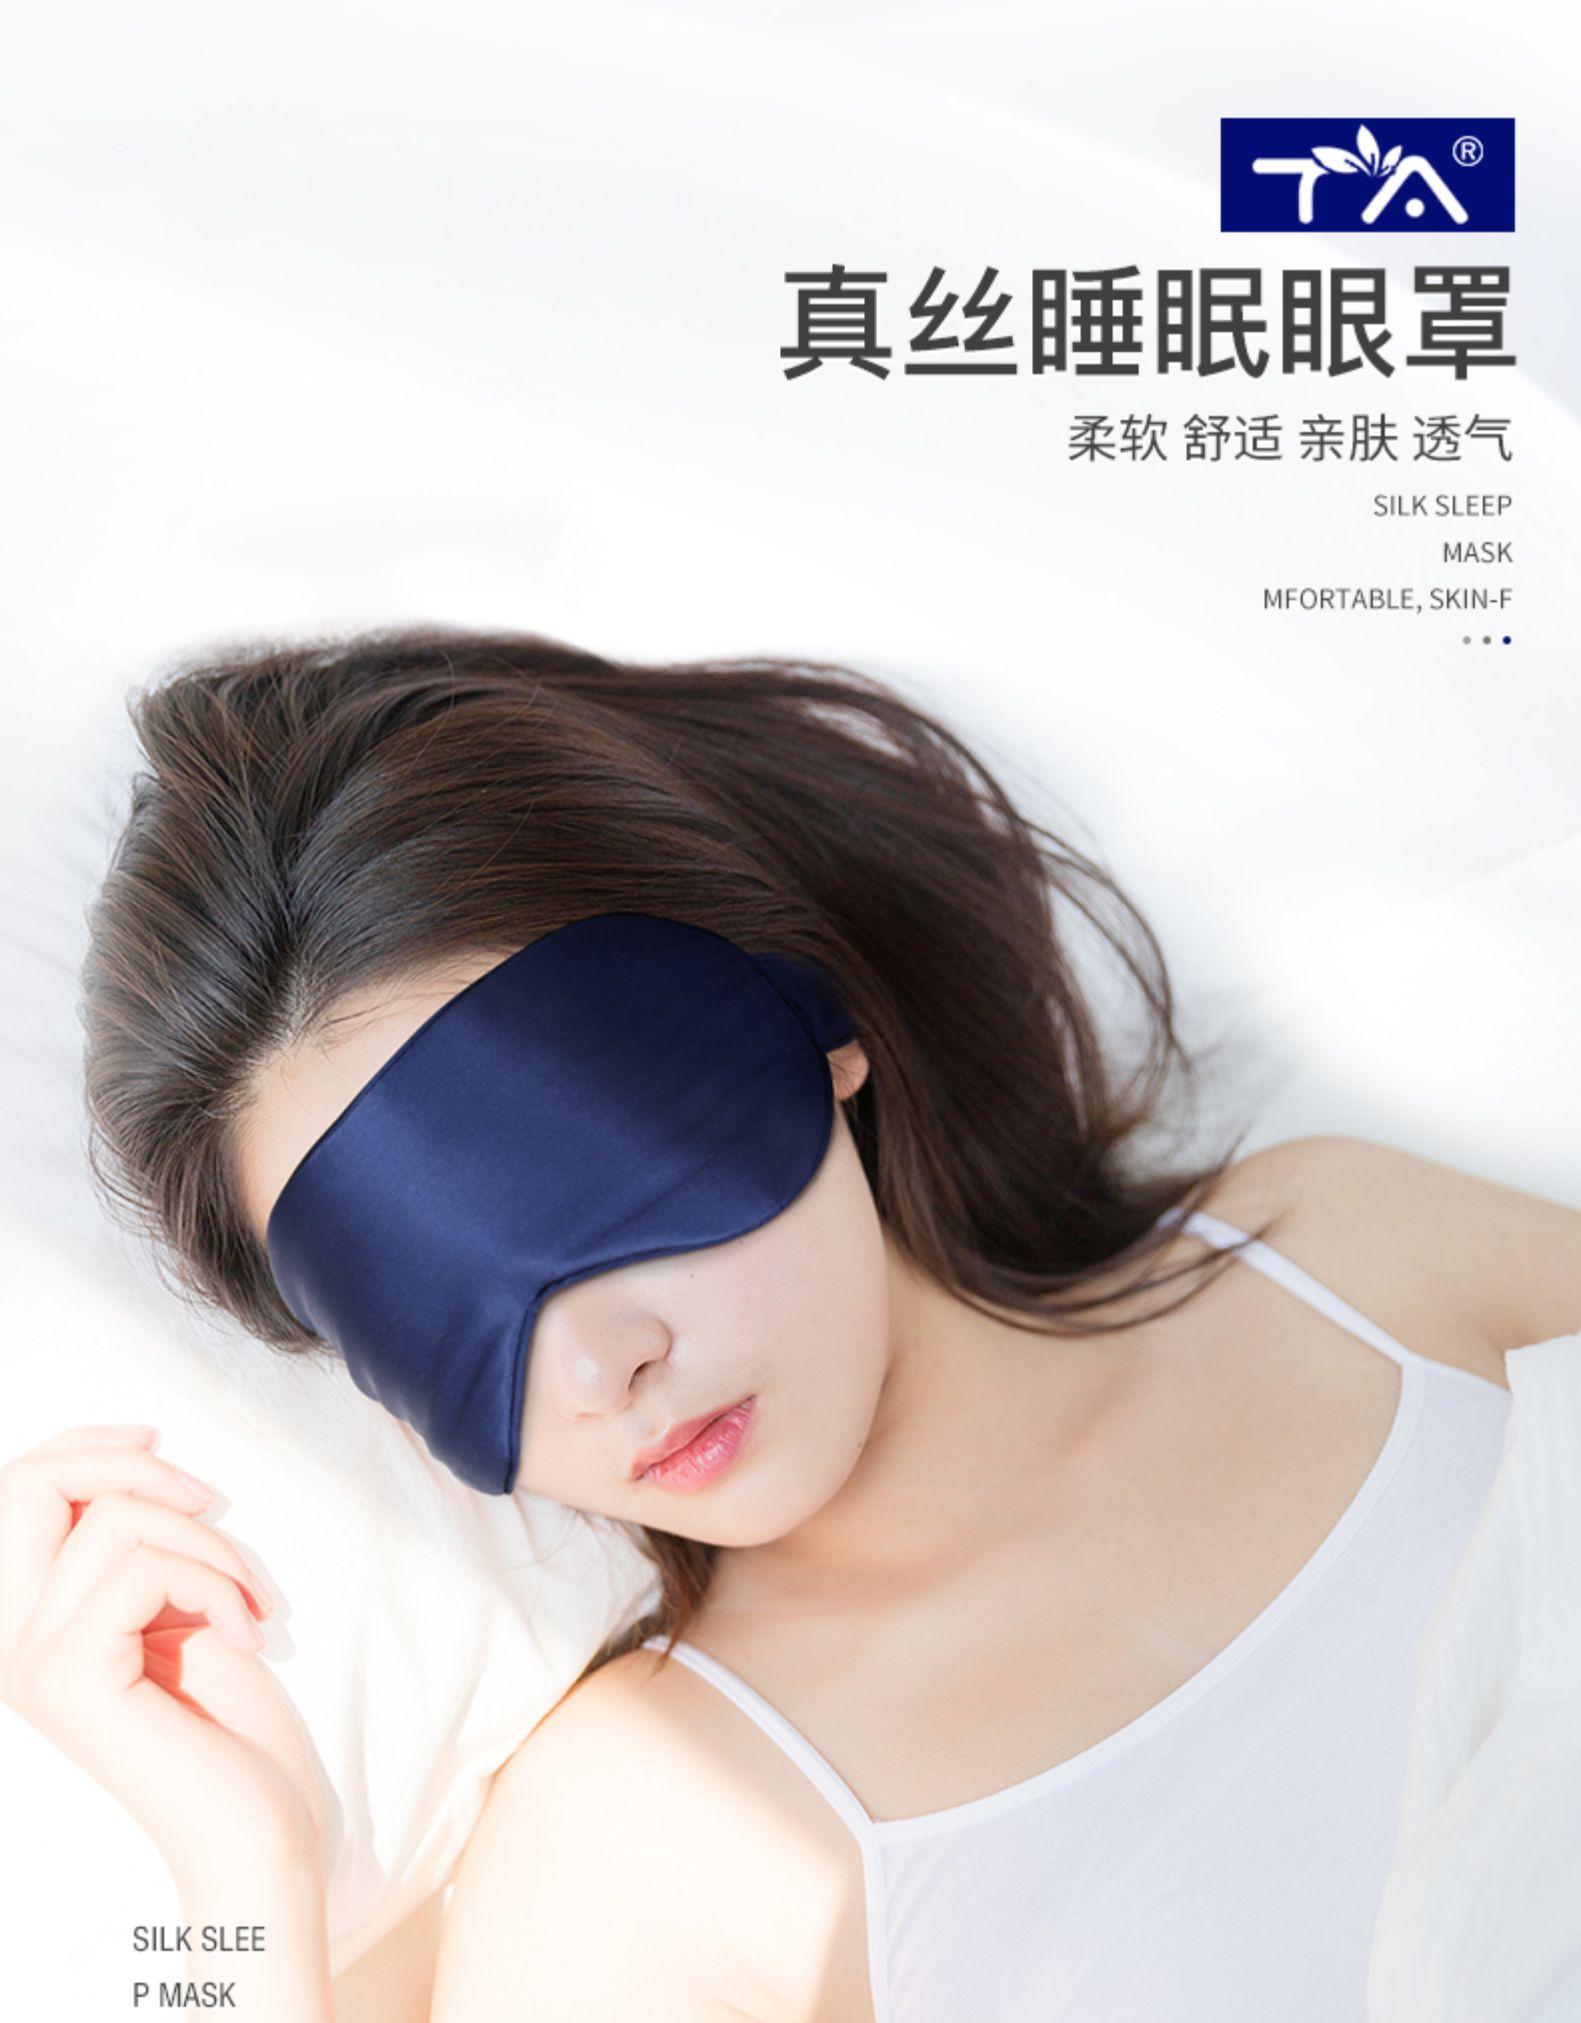 真丝眼罩睡眠学生女男睡觉热敷眼睛罩照造耳塞套装冰敷冰袋遮光罩详细照片